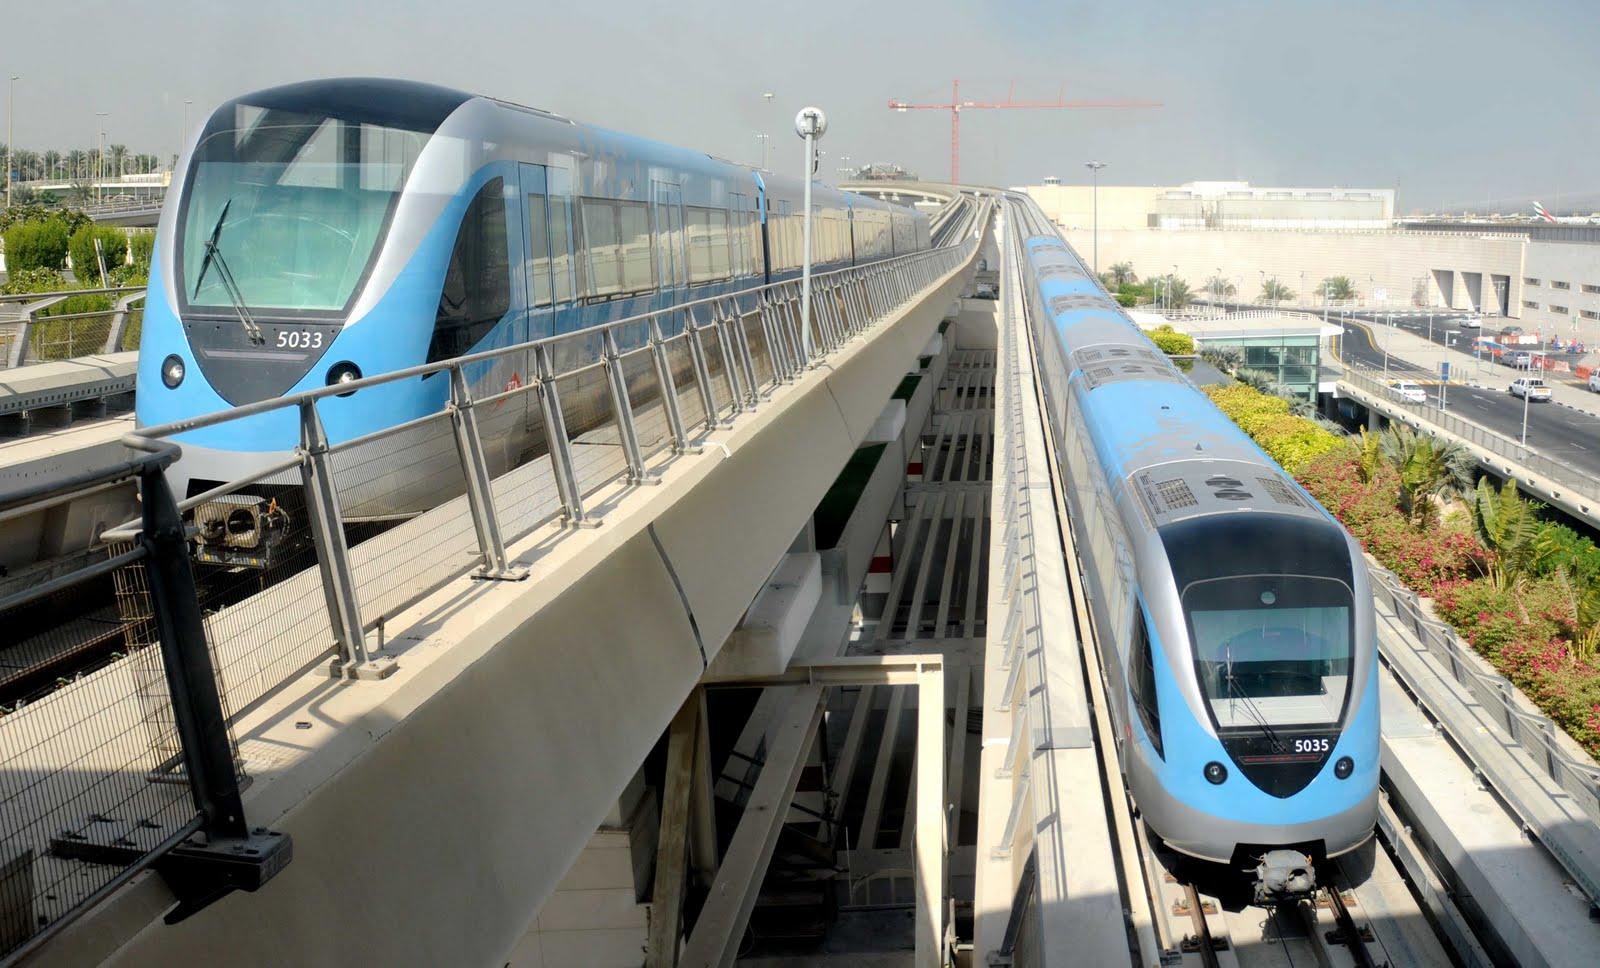 مترو دبى - dubai metro (97)